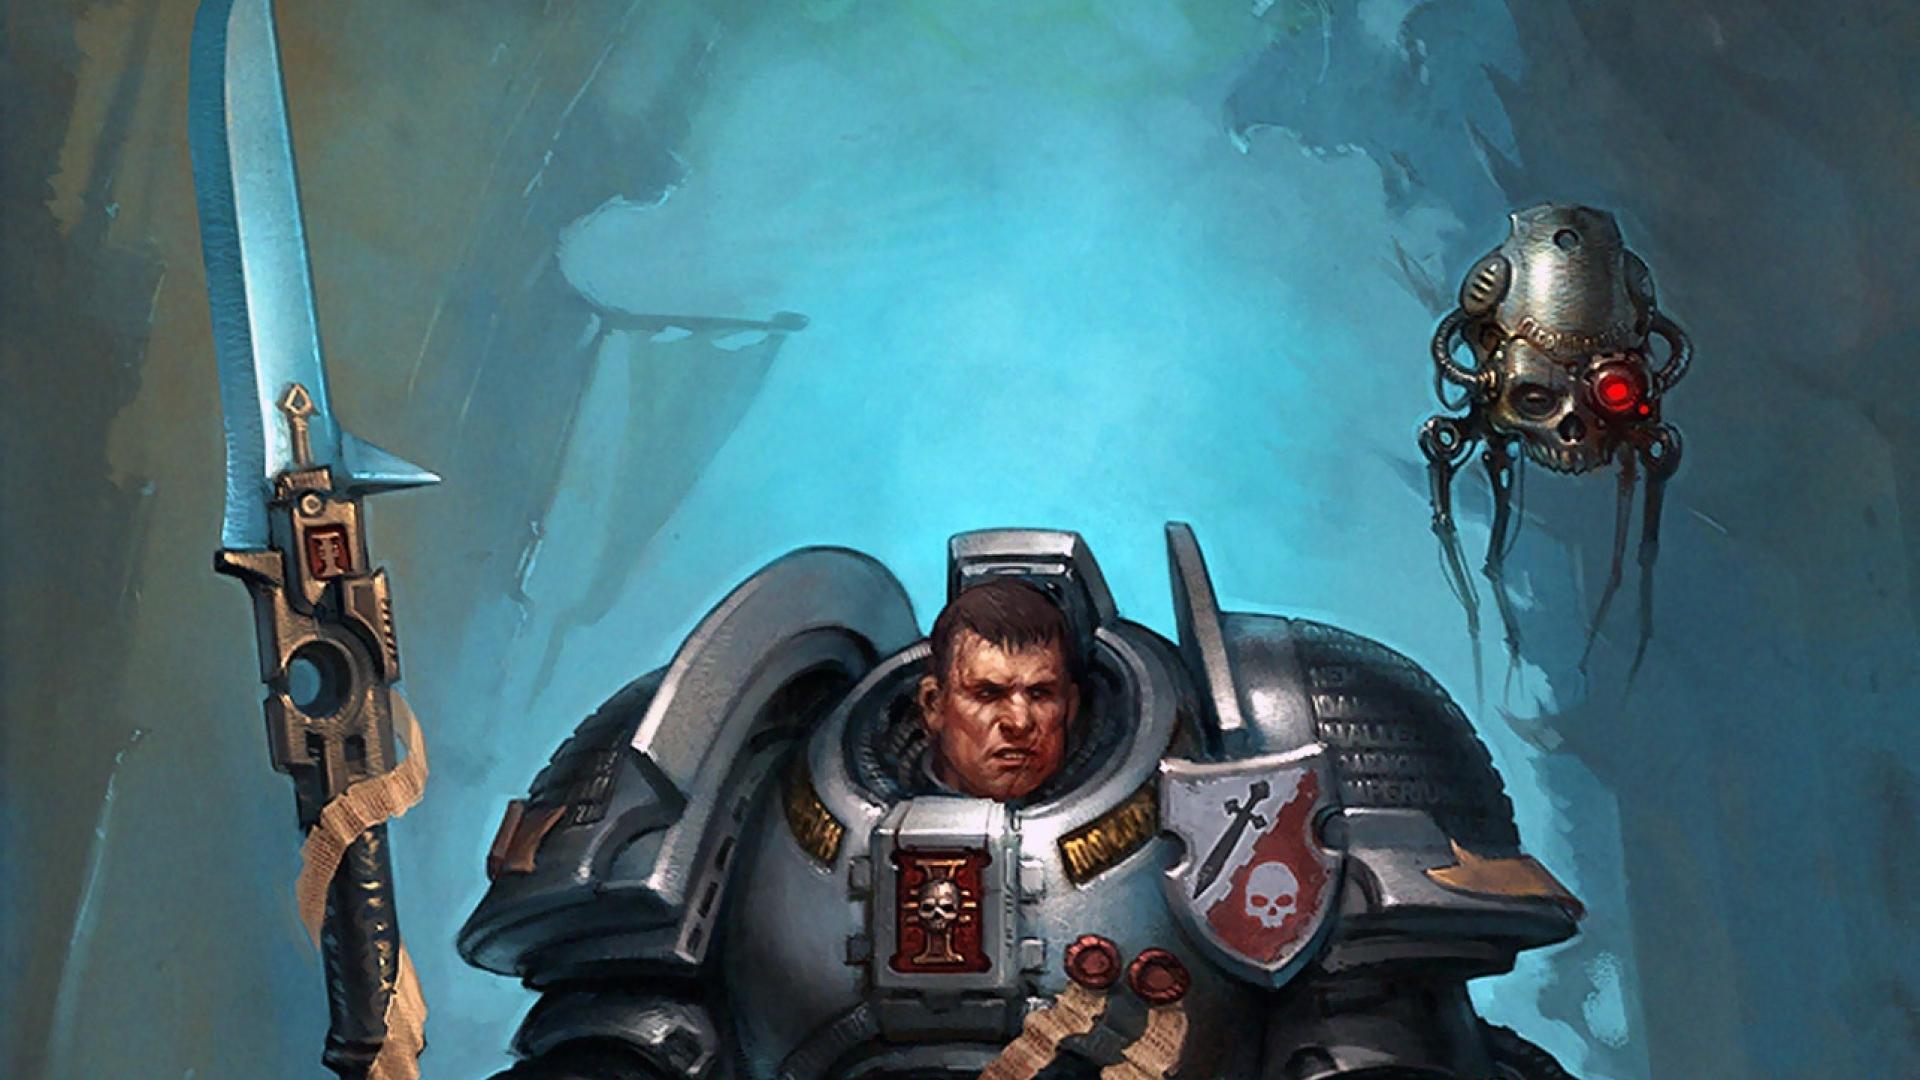 Free Download Warhammer 40k Inquisition Grey Knights 1285x1920